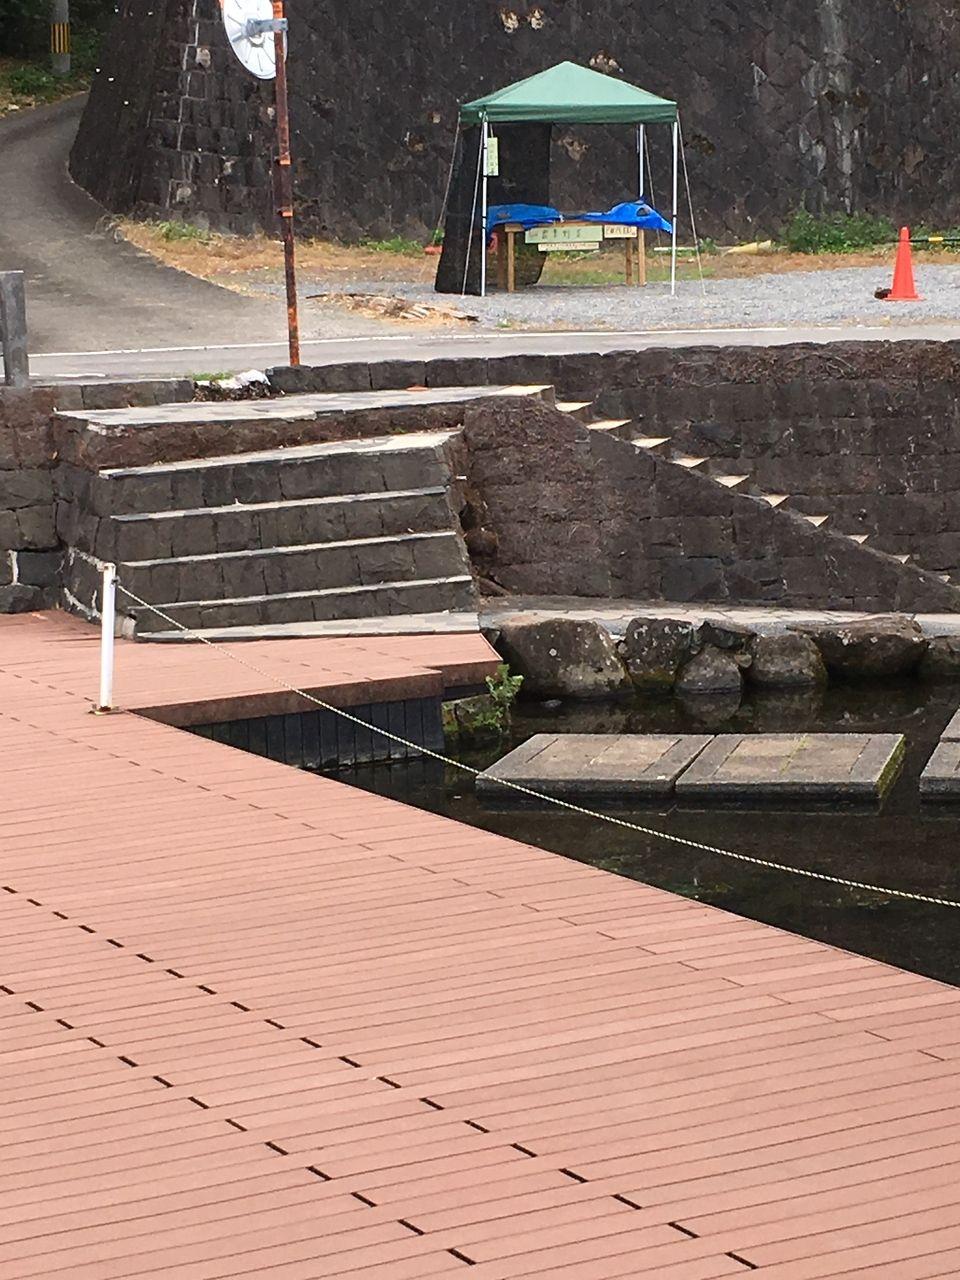 夏の風物詩でもある嘉島の天然プール